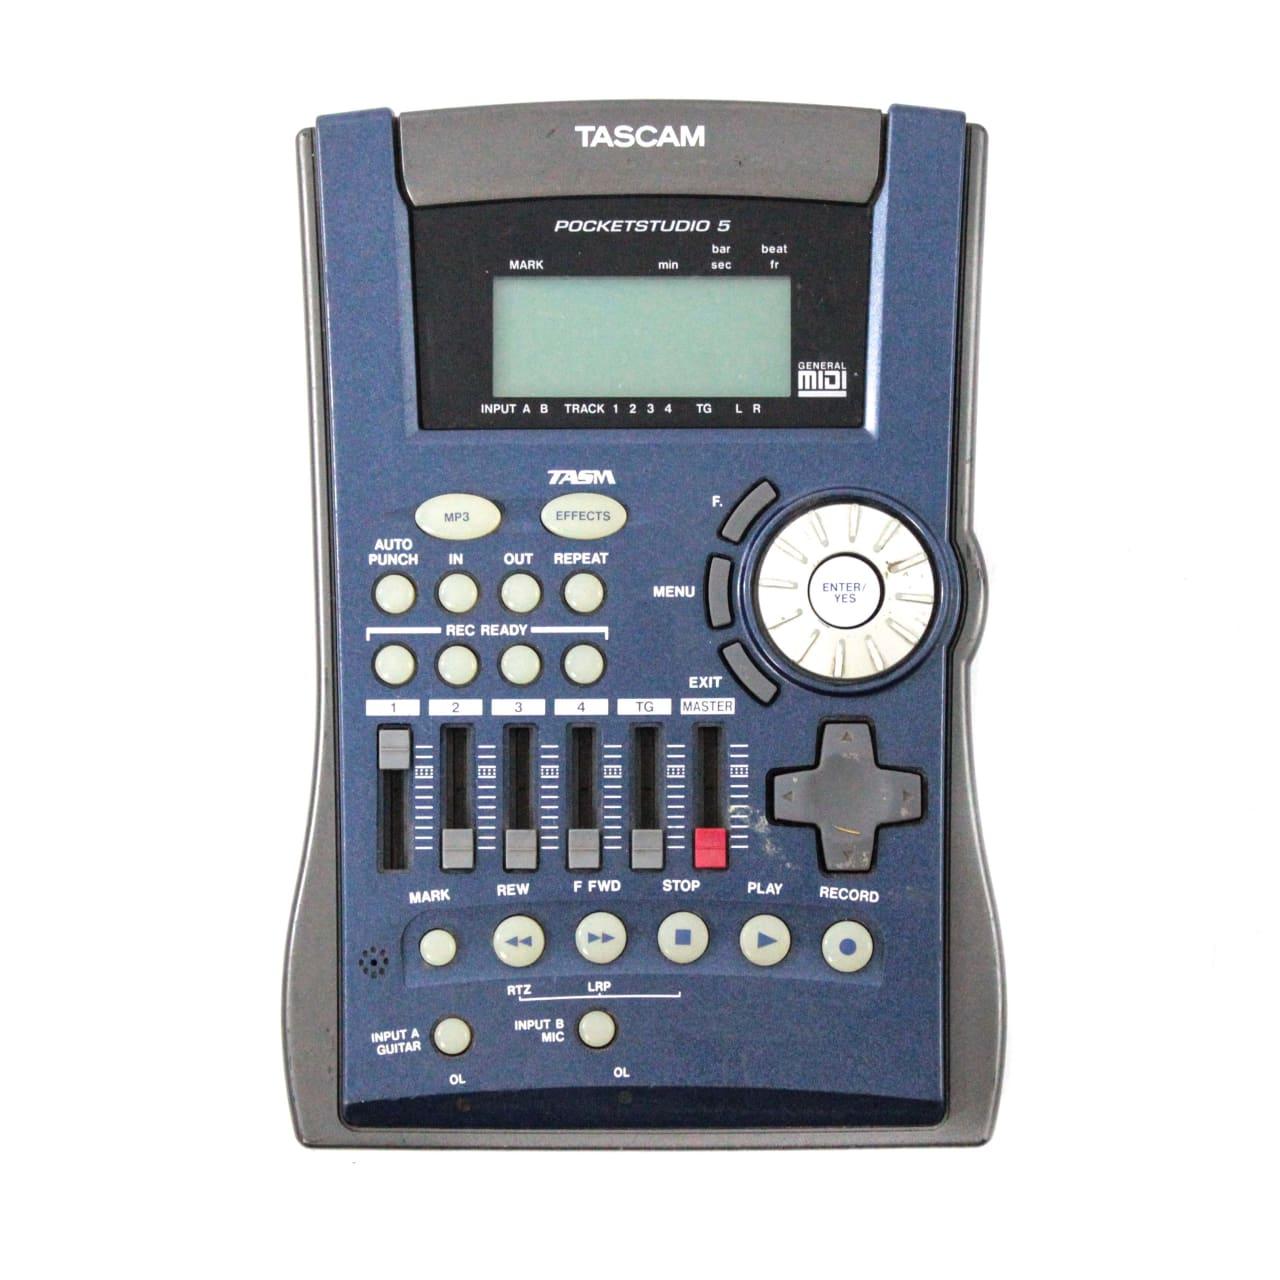 tascam pocketstudio 5 digital multitrack recorder reverb. Black Bedroom Furniture Sets. Home Design Ideas